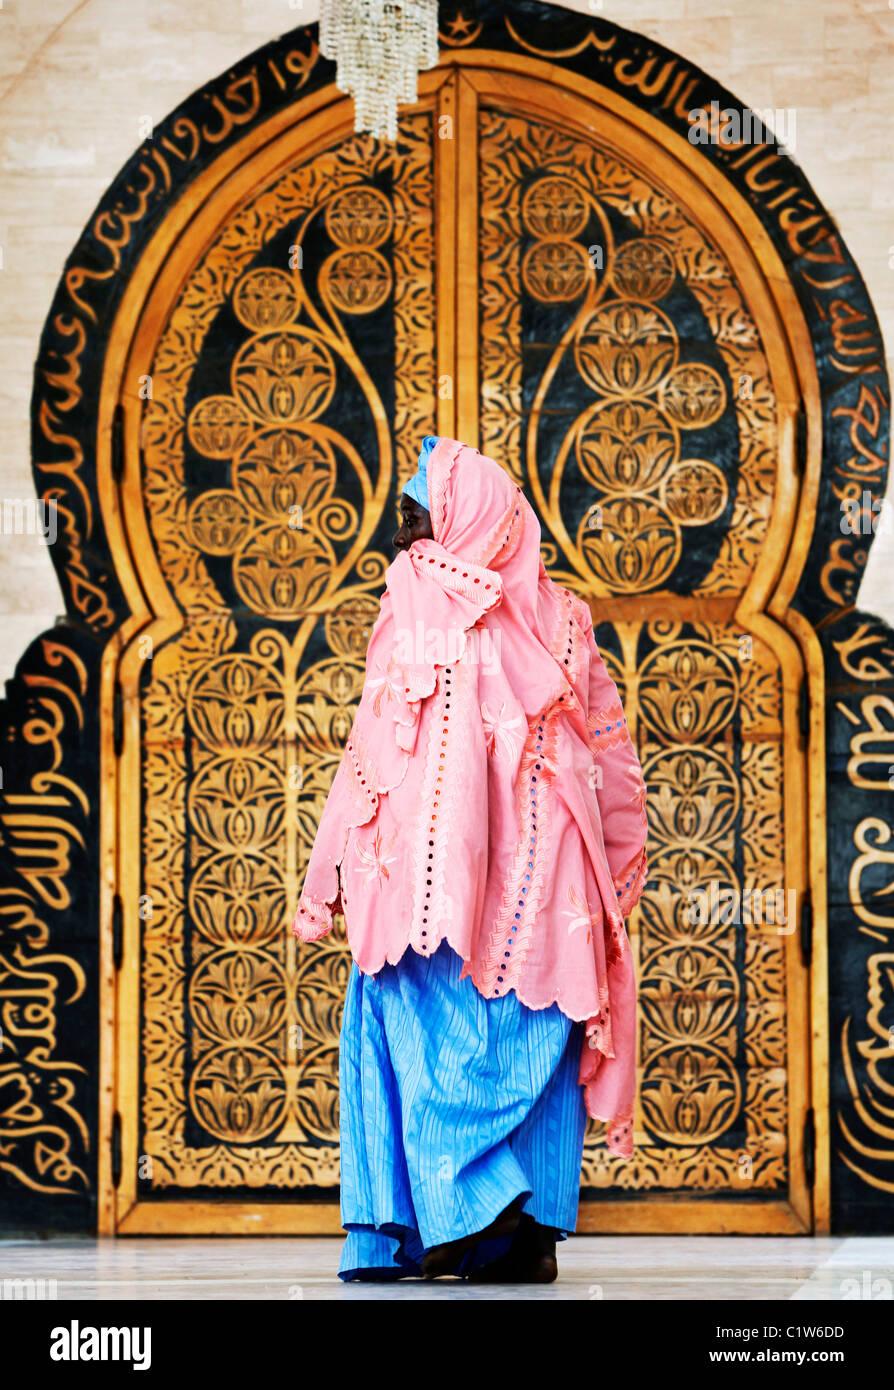 La puerta a la Gran Mezquita de Touba, Senegal, África occidental Imagen De Stock